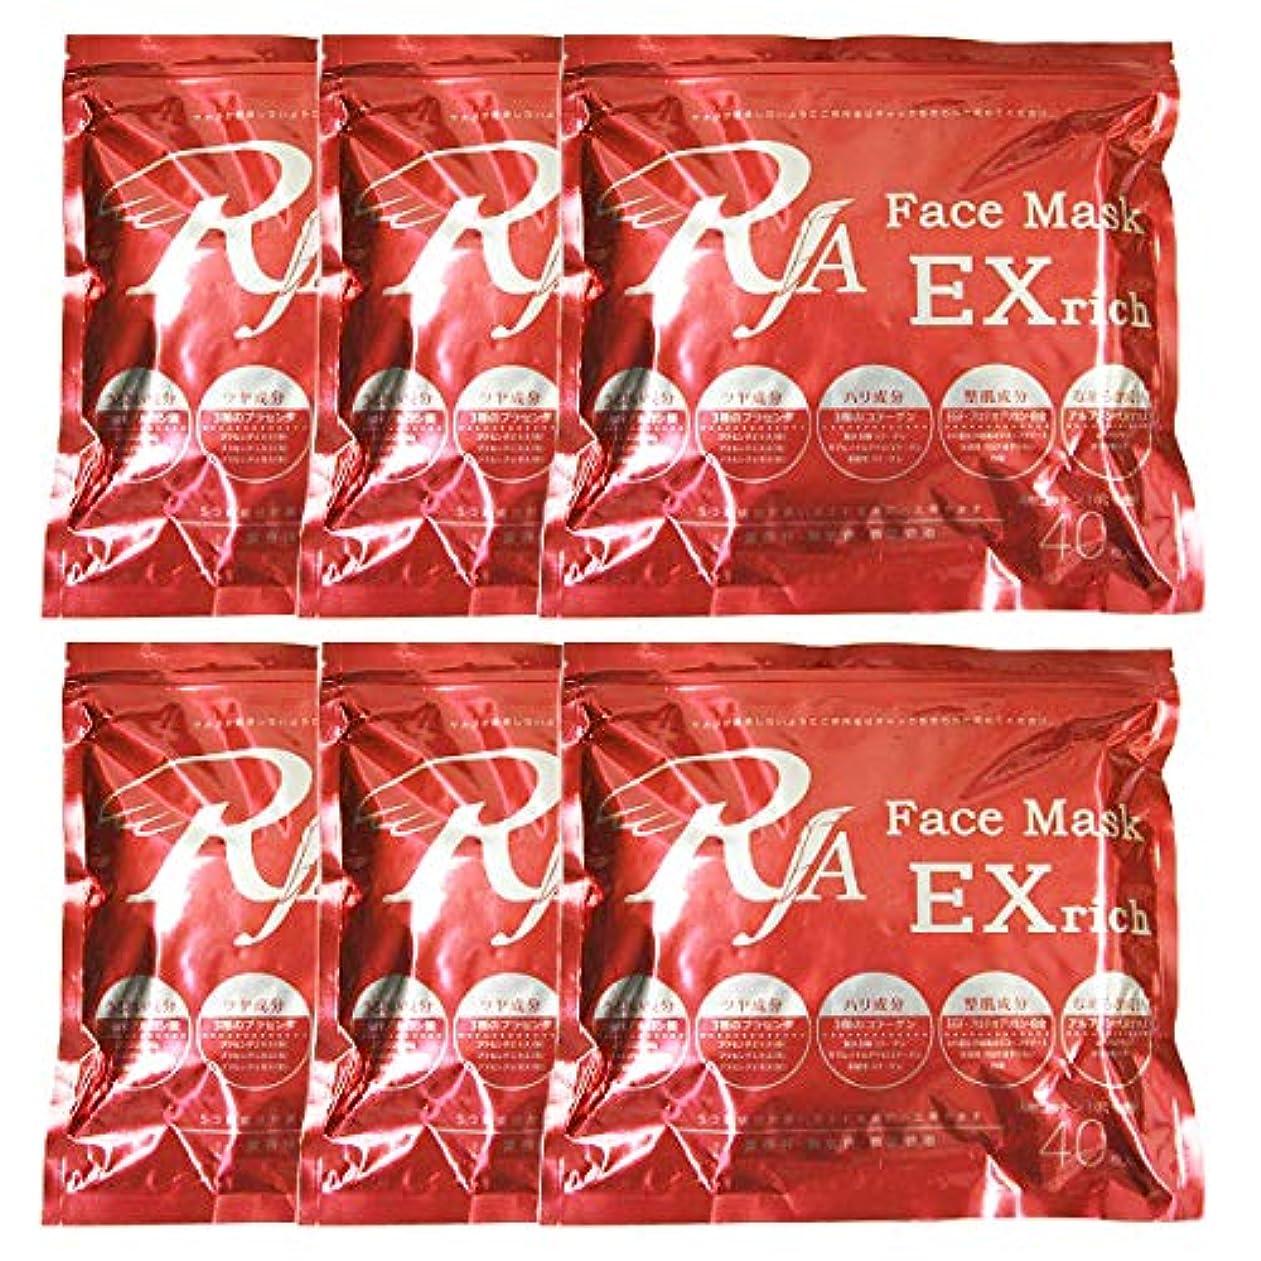 再現するどんなときも記念碑的なTBS公式/RJA フェイス マスク EXrich 240枚入(40枚×6袋) エステ使用の実力派フェイスマスク!1枚に約11mlもの美容液